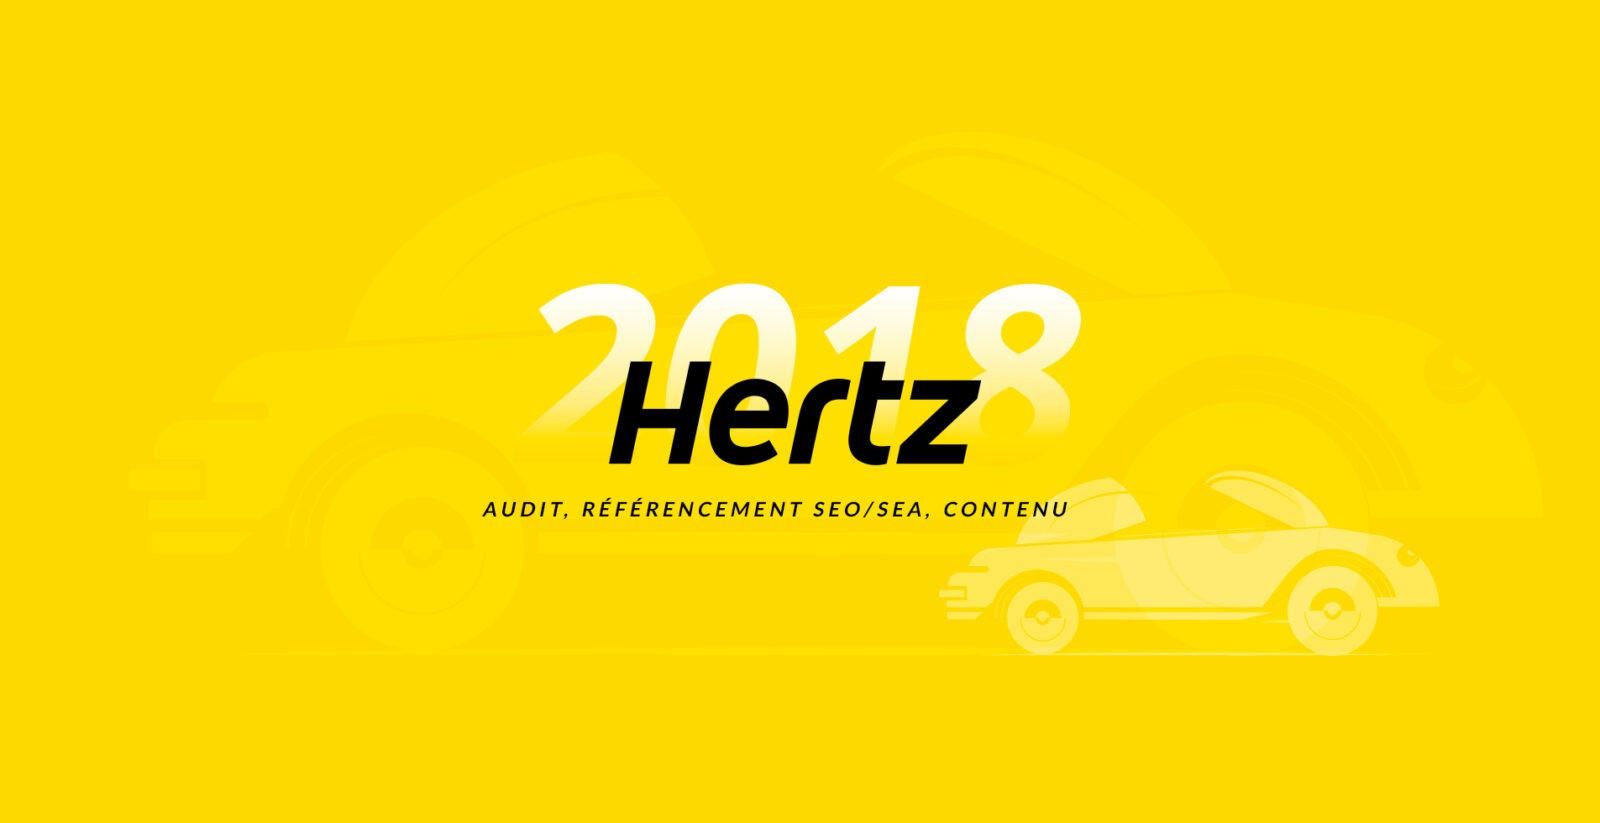 Mise en place et optimisation du référencement naturel et payant du site internet de HERTZ par l'agence web Majjane.